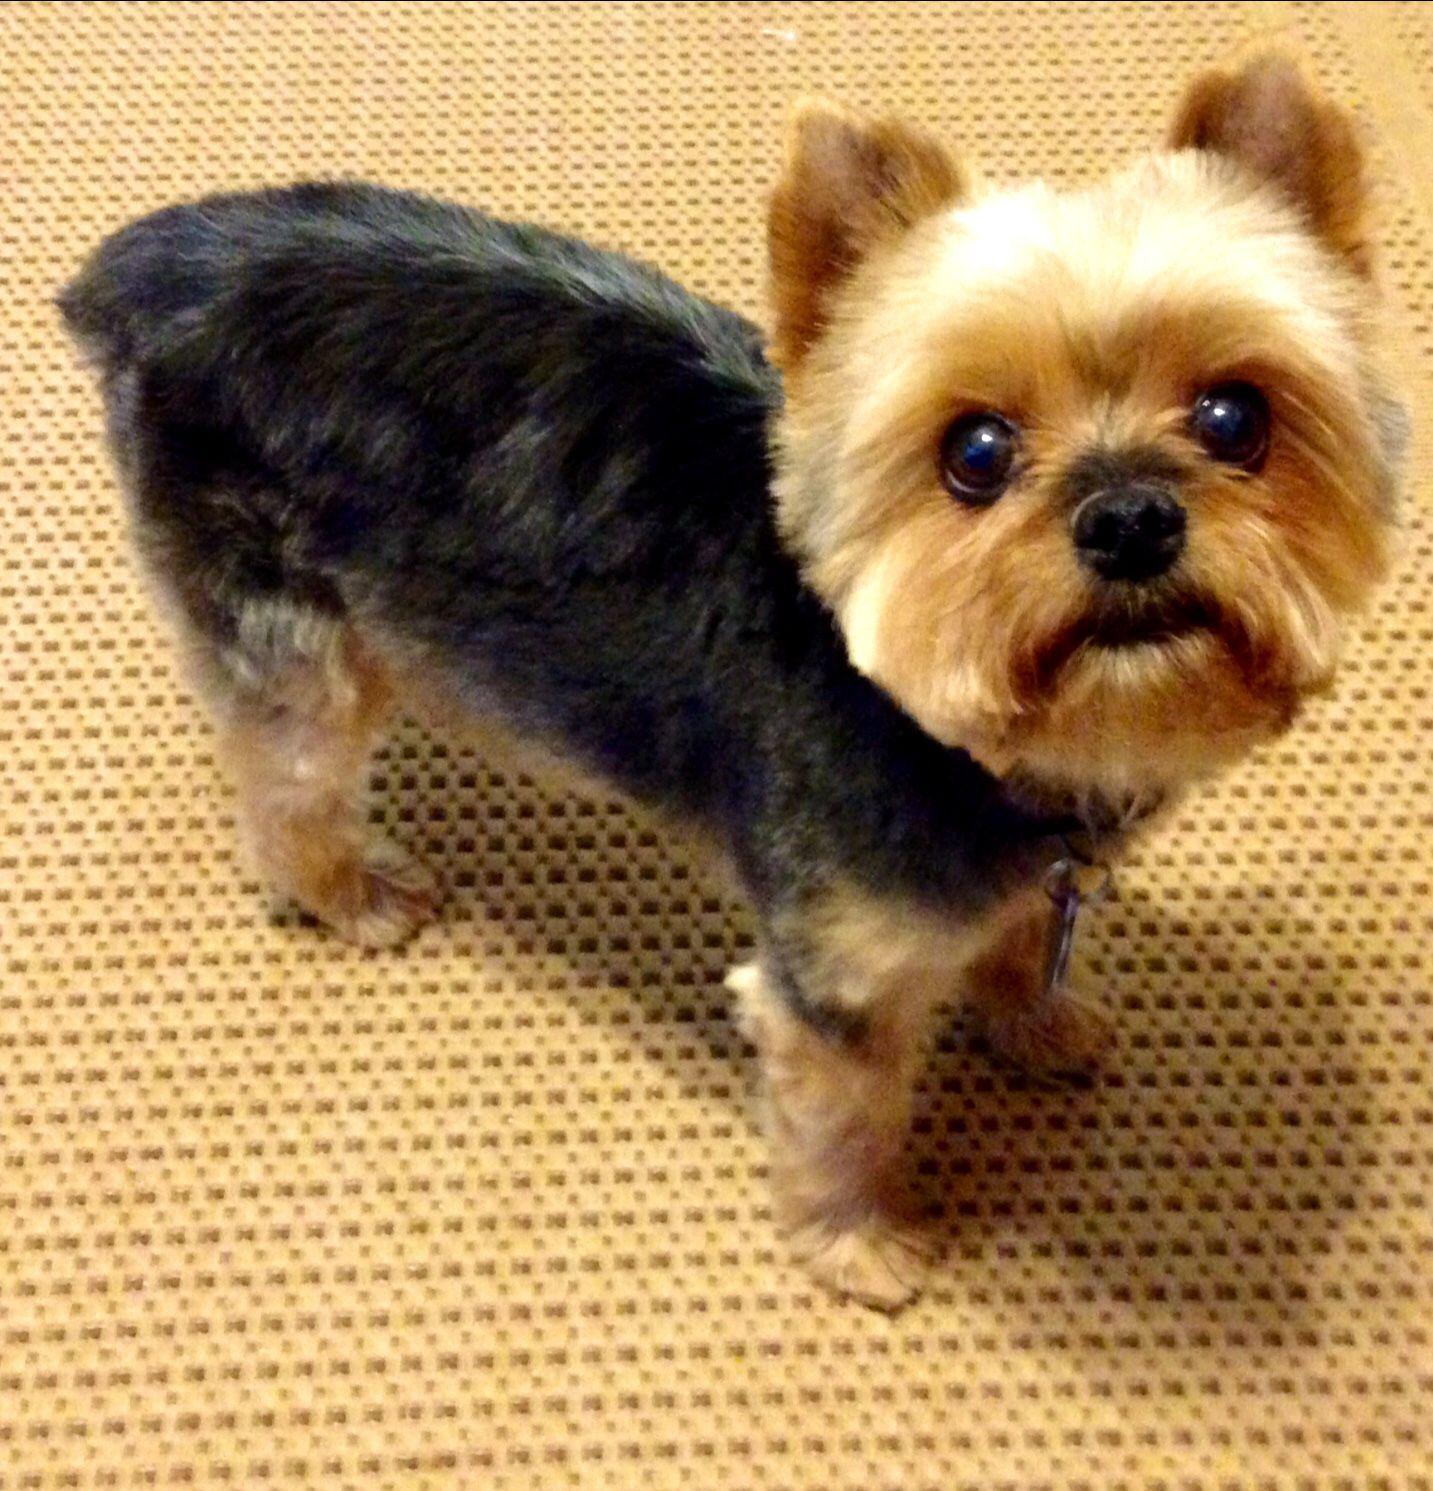 Yorkie haircut. Teddy Bear Cut Rocky. | Schnauzer,Yorkie